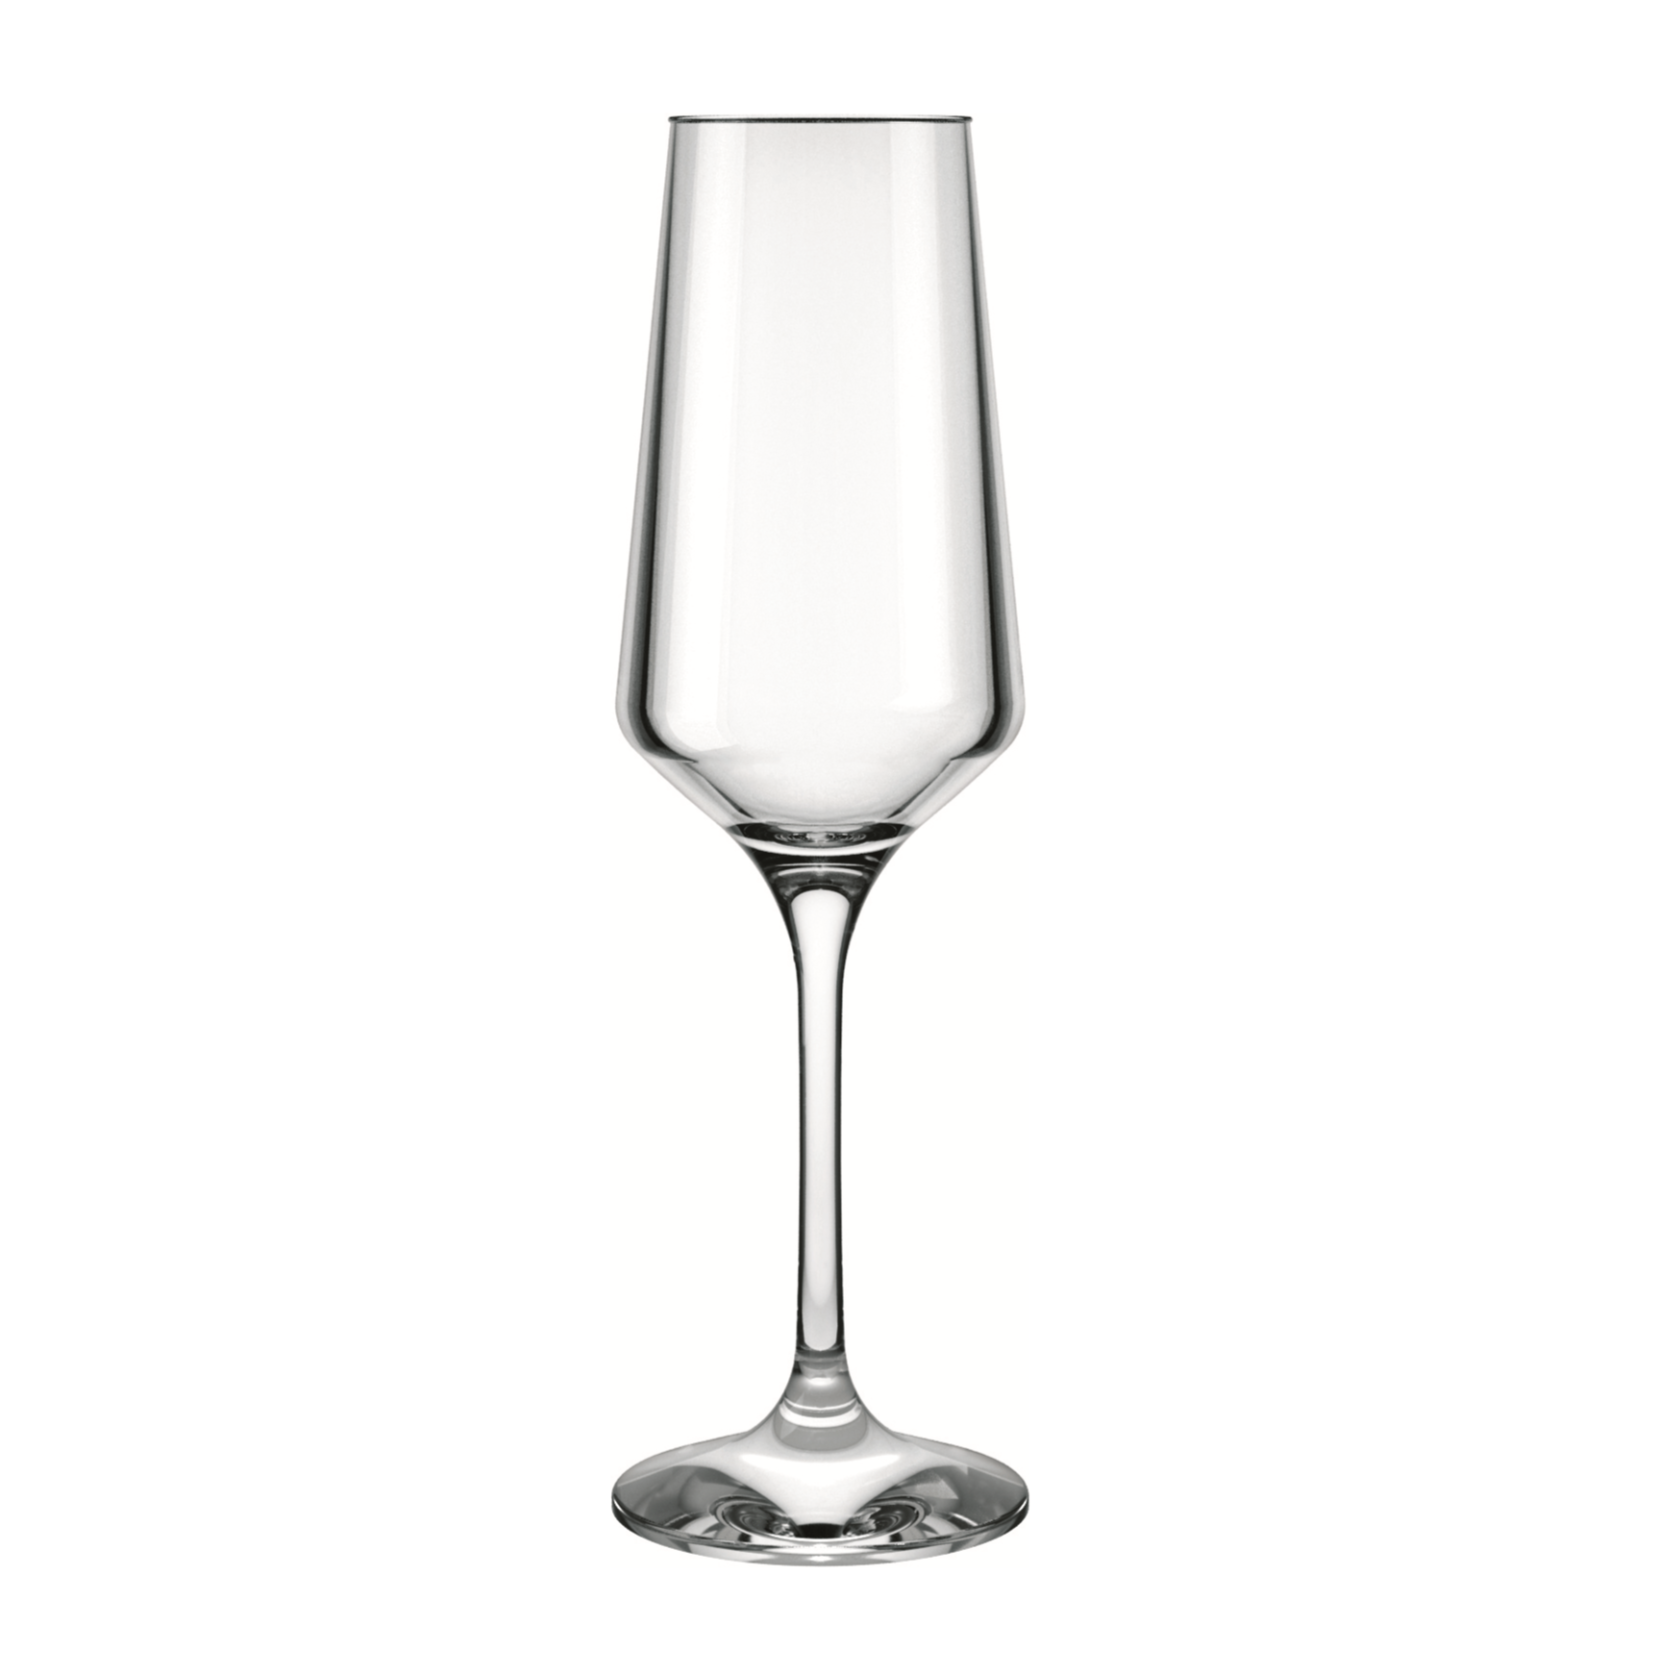 Taca de Champanhe Vidro 205ml Transparente - Brunello Nadir